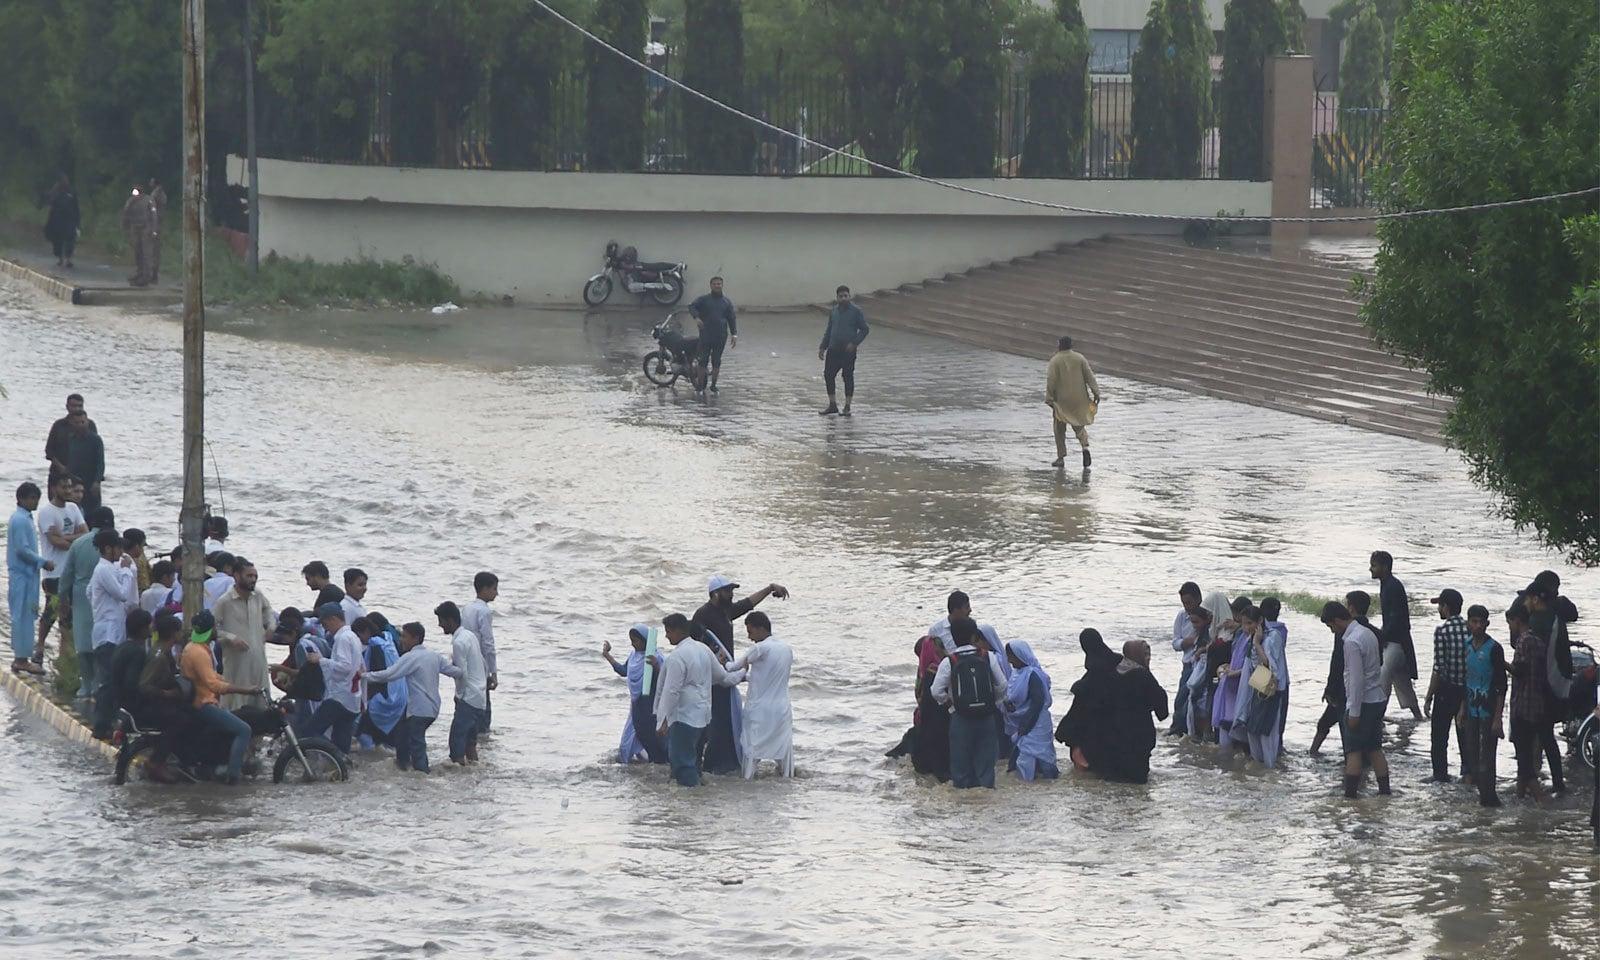 میچ دیکھنے کے لیے آنے والے شائقین اور اسکول کے بچے کراچی میں شدید بارش کے بعد جمع ہونے والے سے گزر کر اسٹیڈیم پہنچنے کی کوشش کر رہے ہیں— فوٹو: اے ایف پی